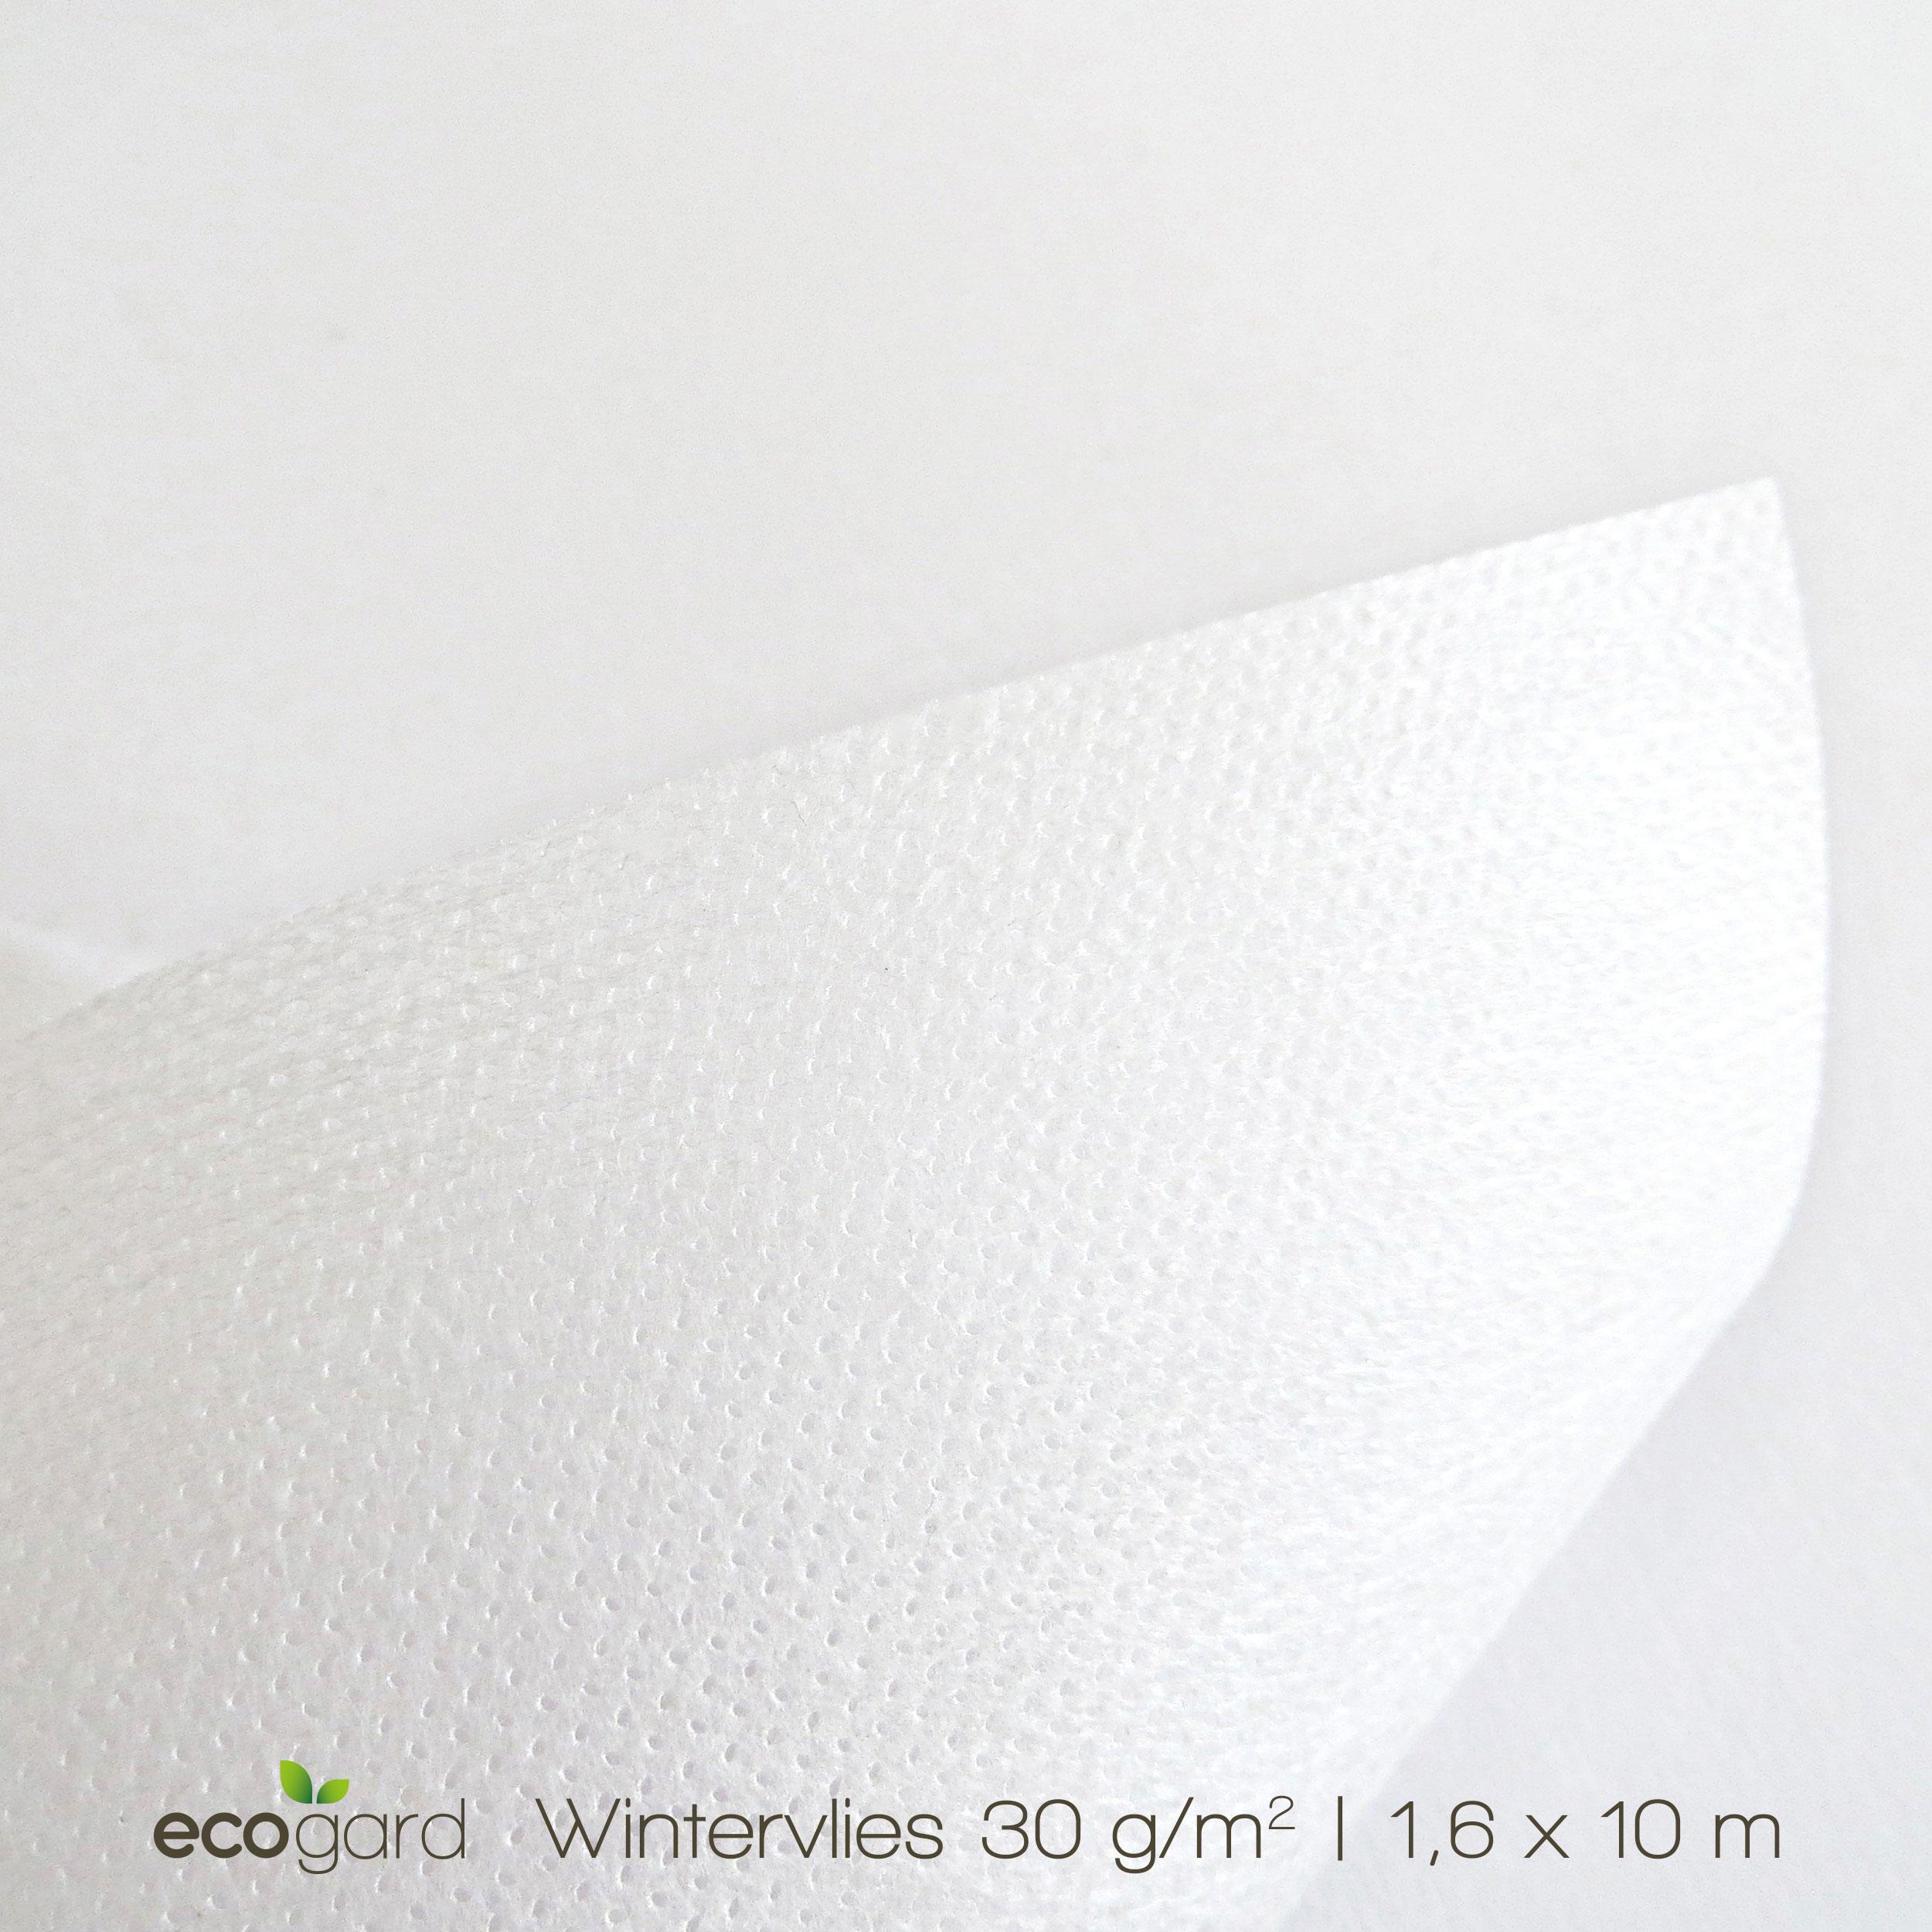 ecogard-30g-wintervlies-detail 2